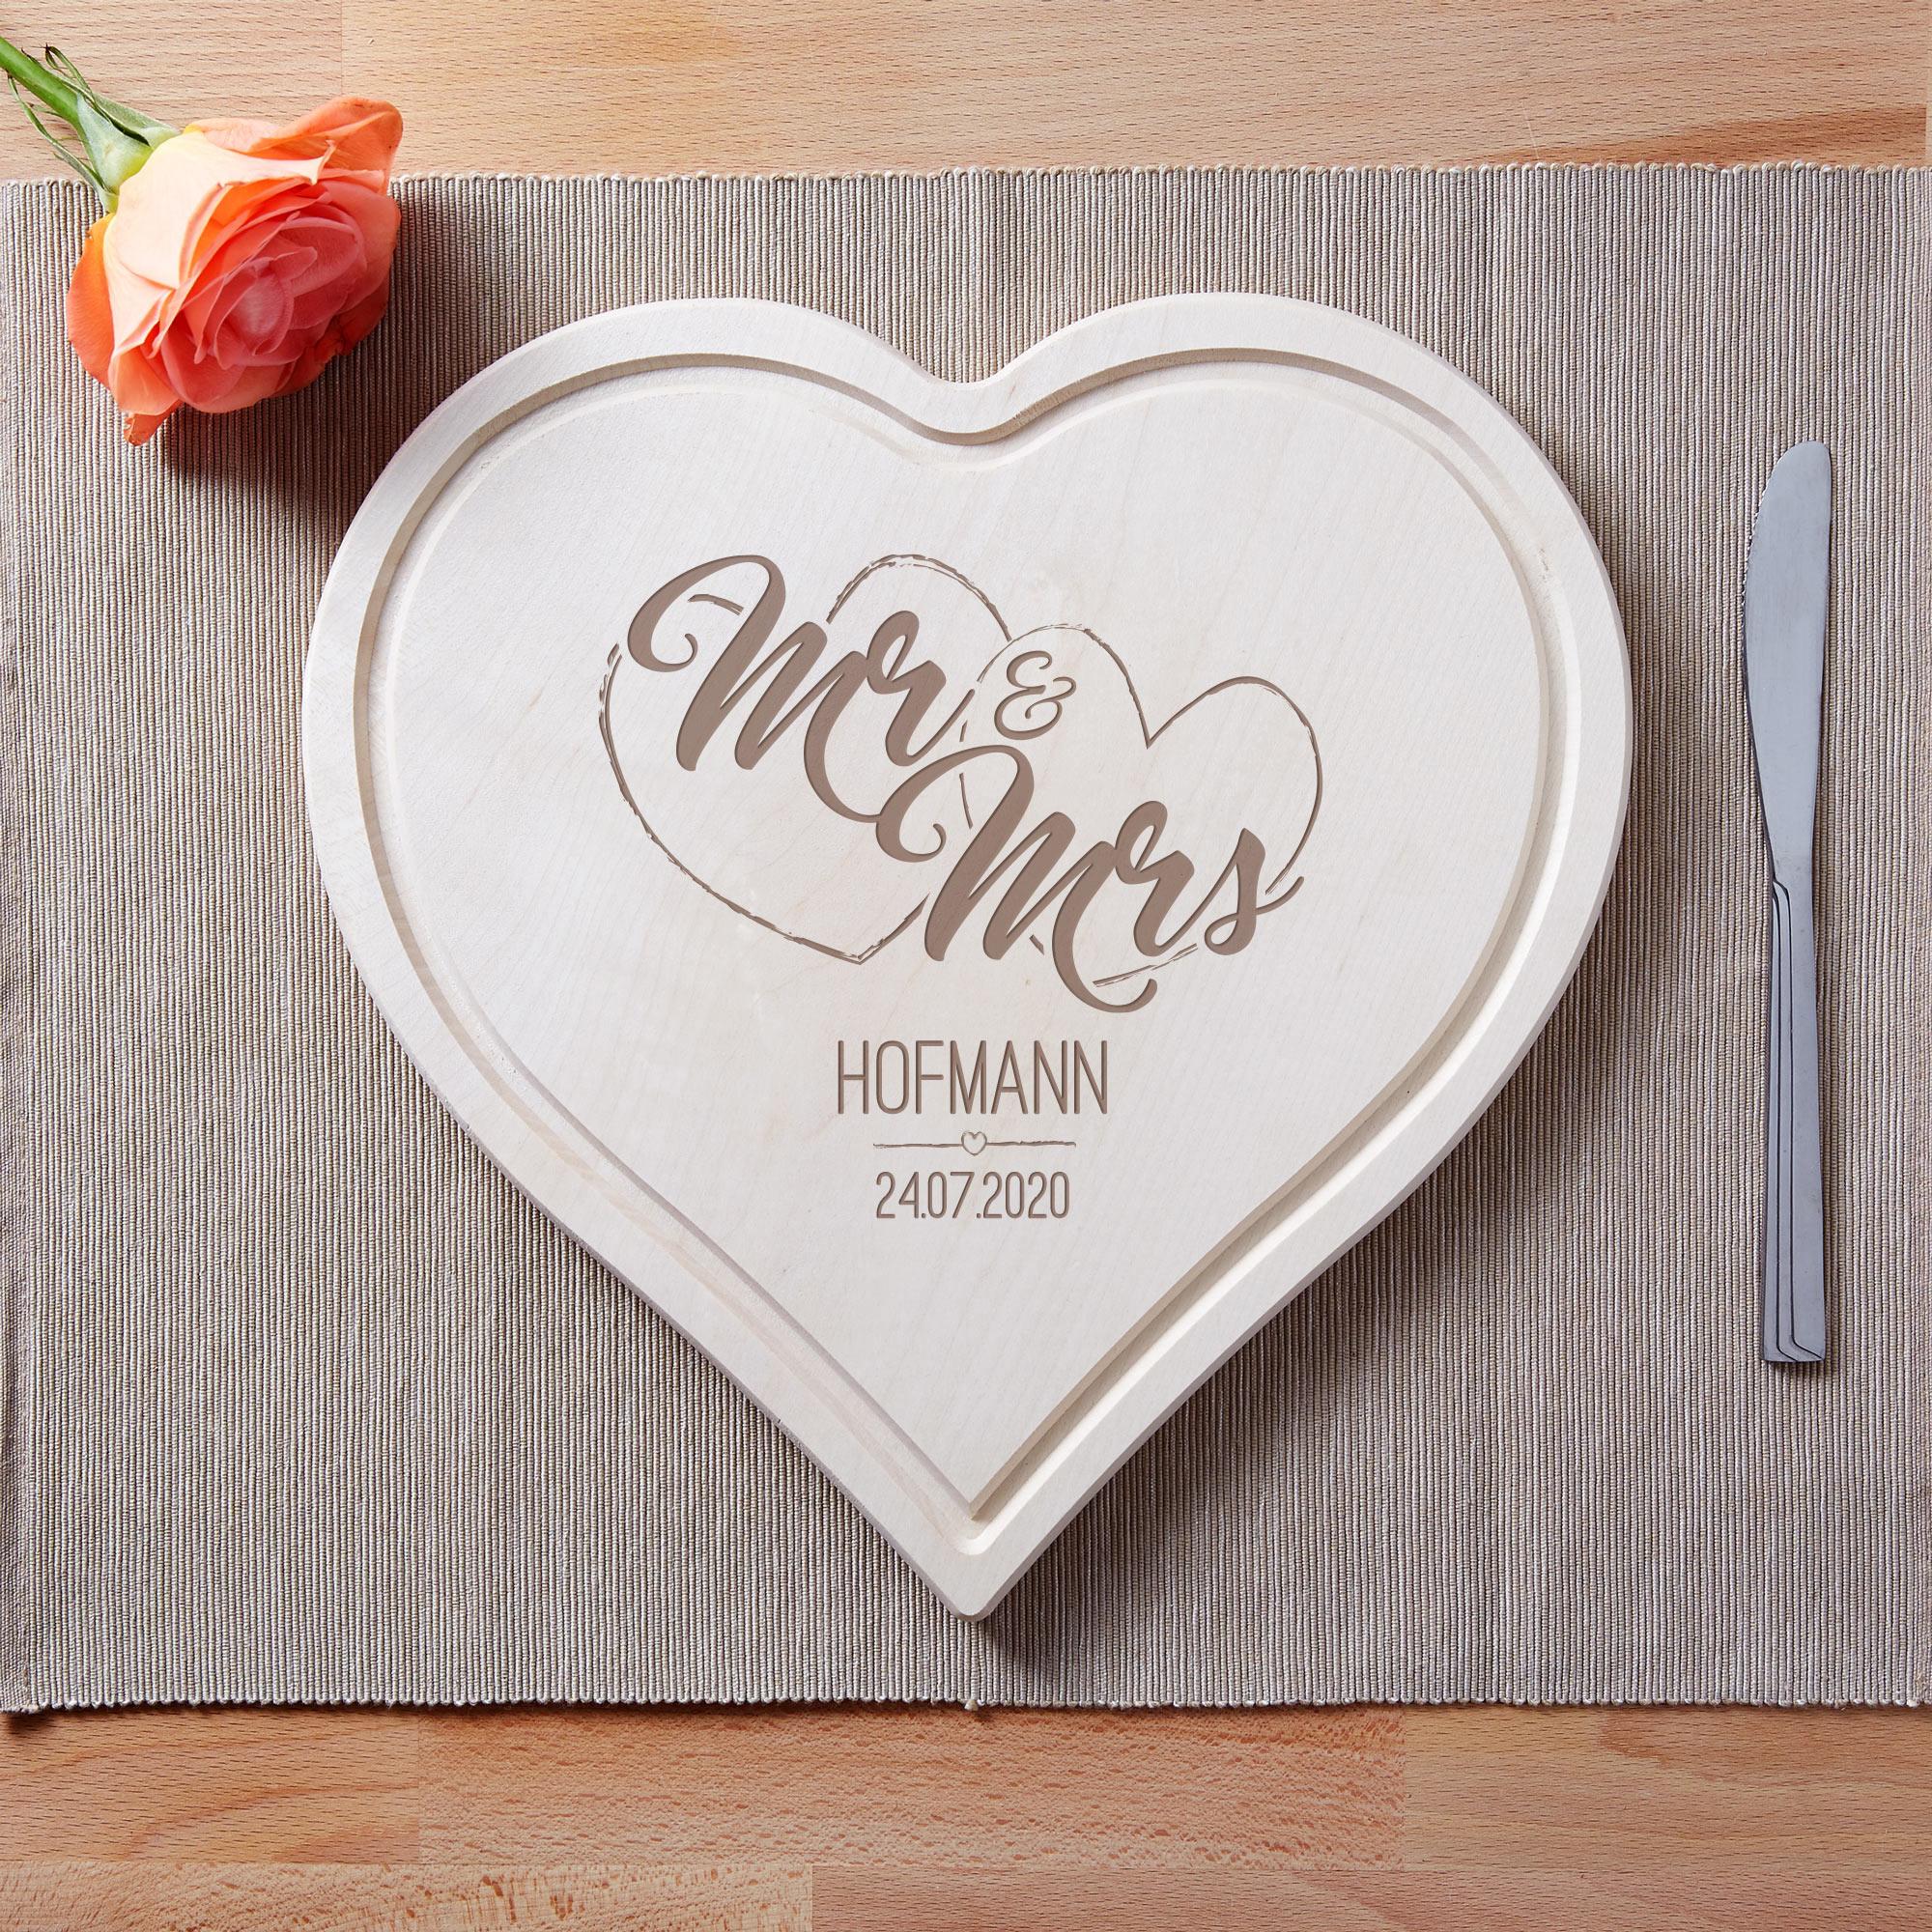 Mr und Mrs - Holzbrett in Herzform - Personalisiert